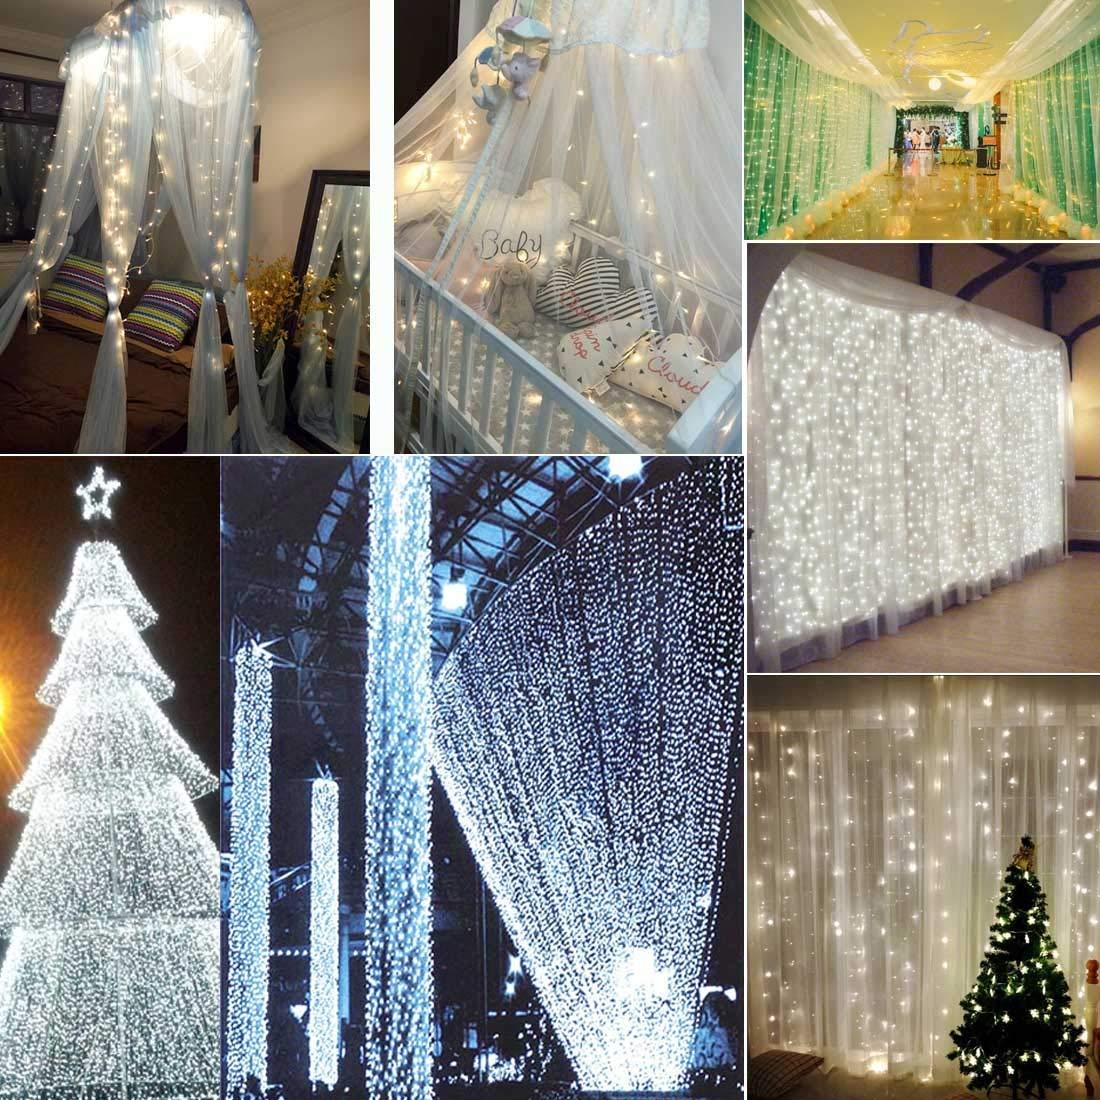 fb8ca3c9bde Luz led al Aire Libre Luces Luces Luces de decoración de Cadena de Alambre  de Cobre de 10m ...